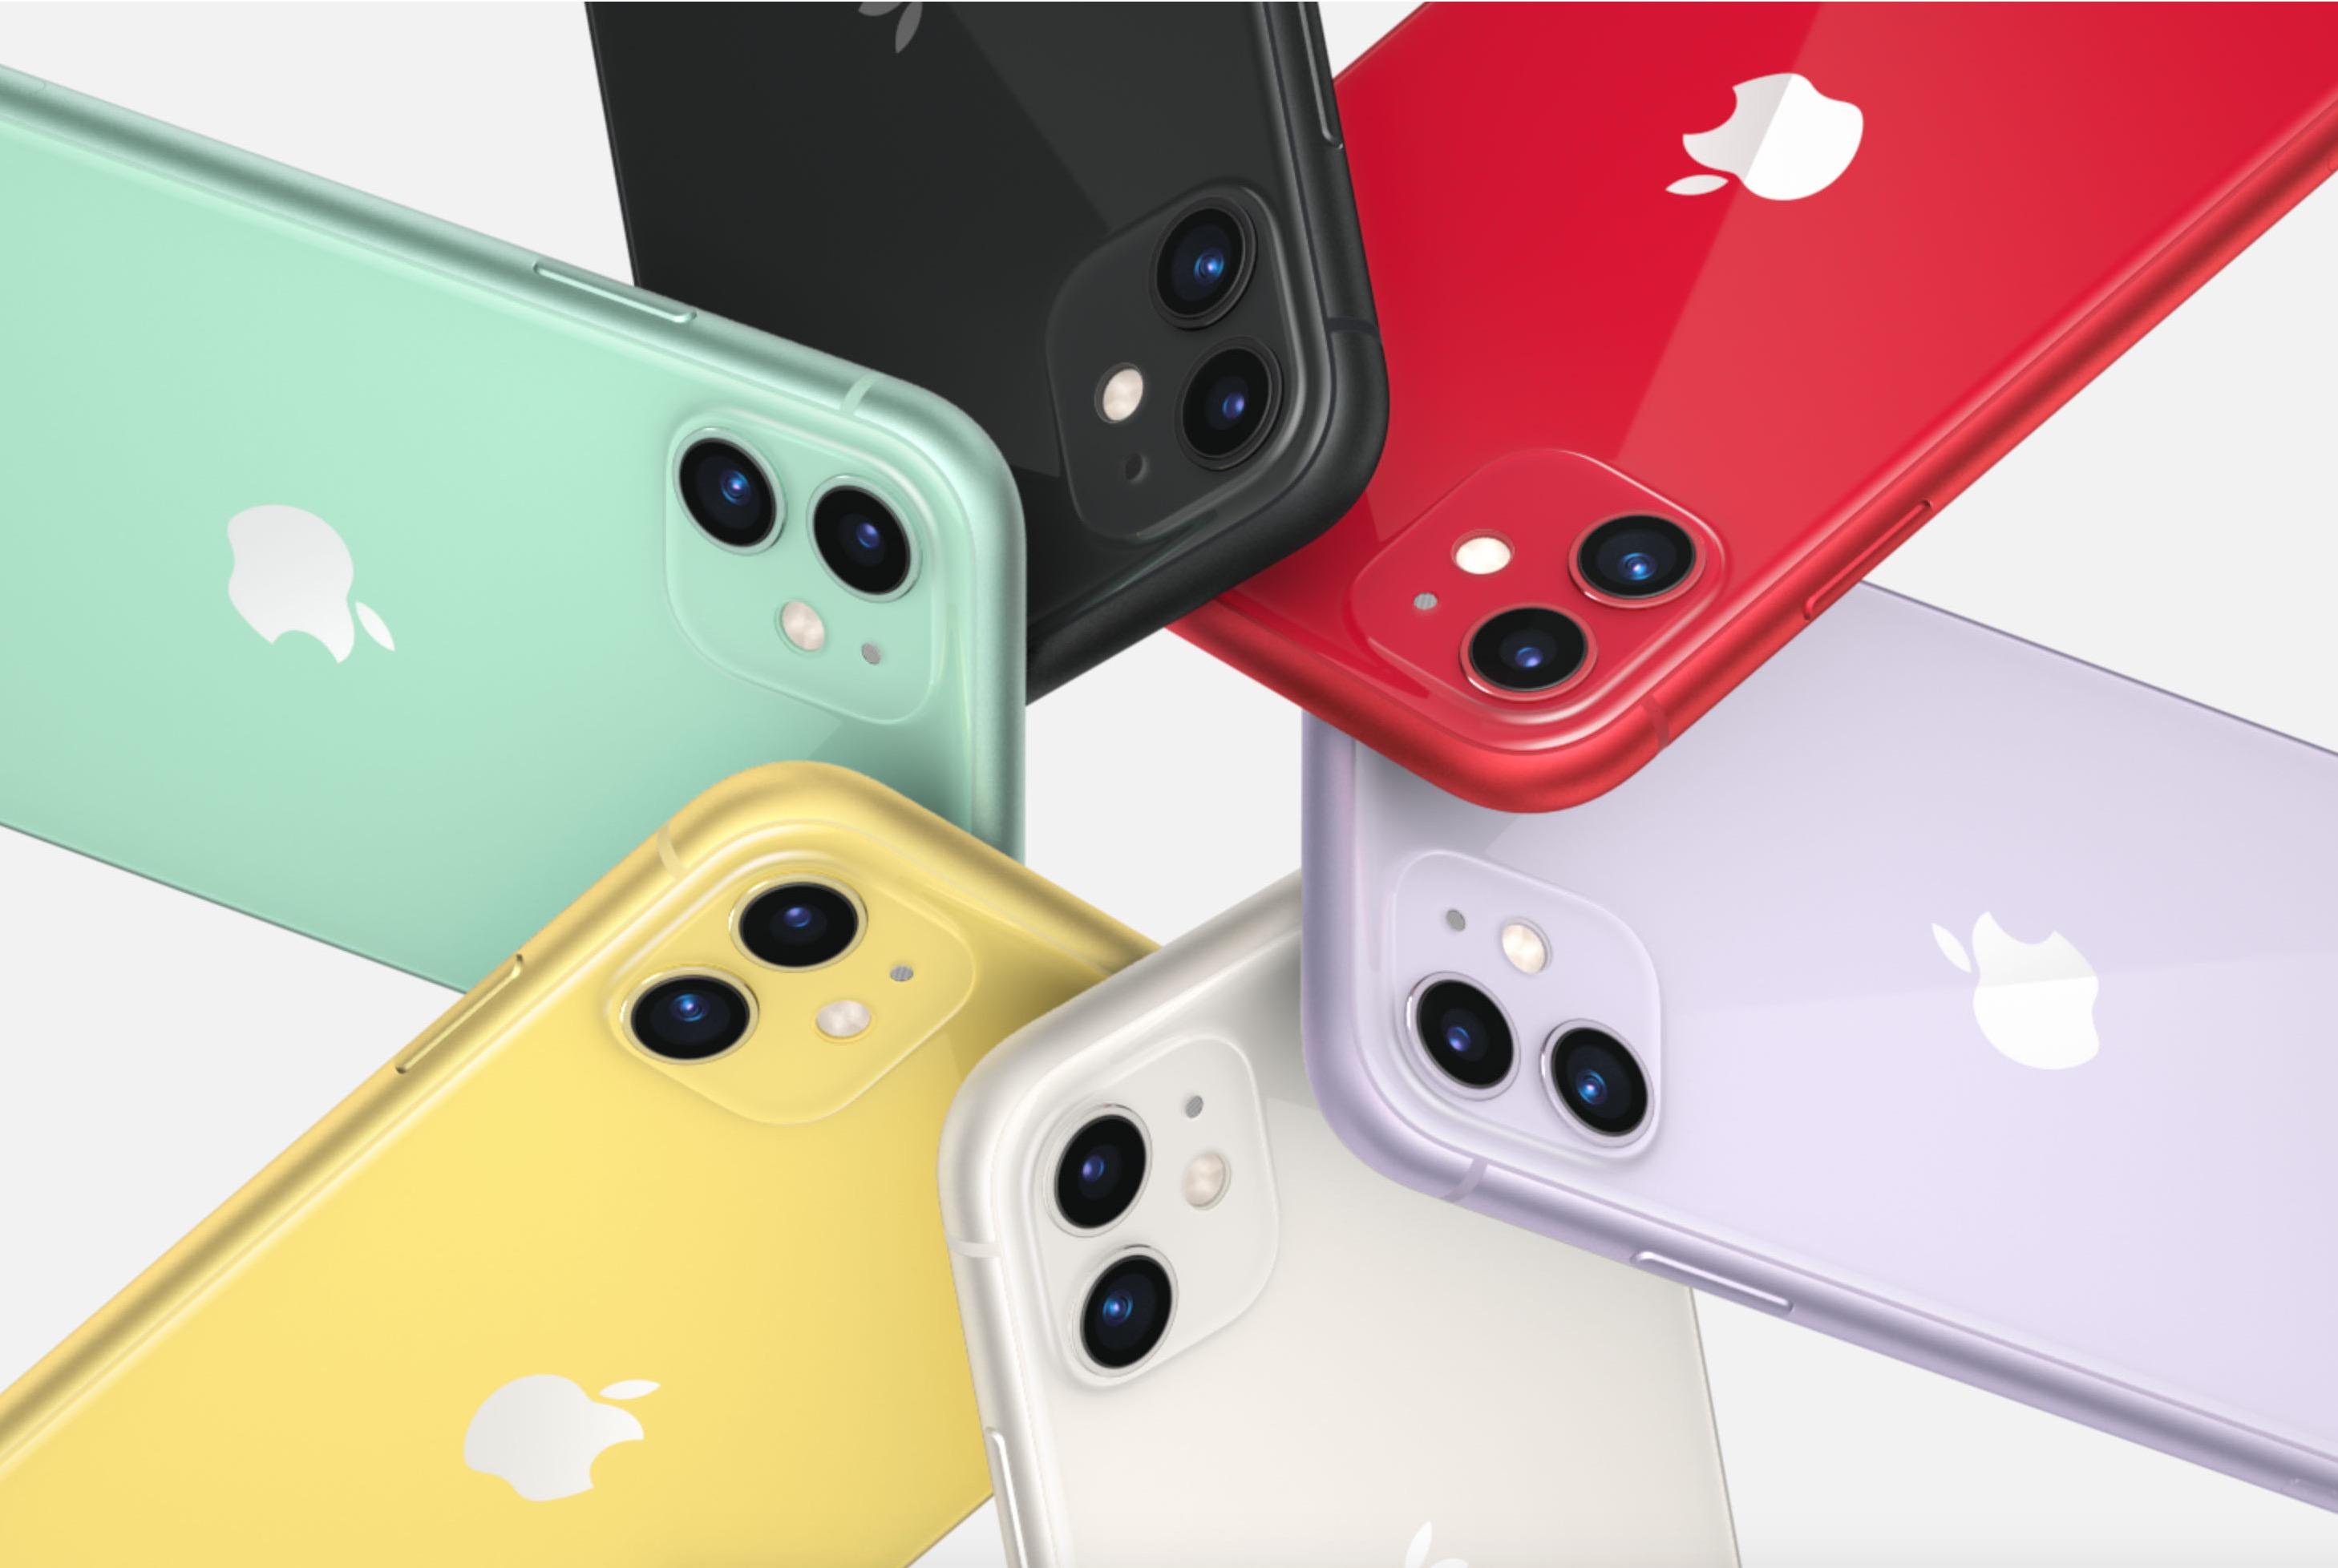 Quelles sont les options de couleur de l'iPhone 11?